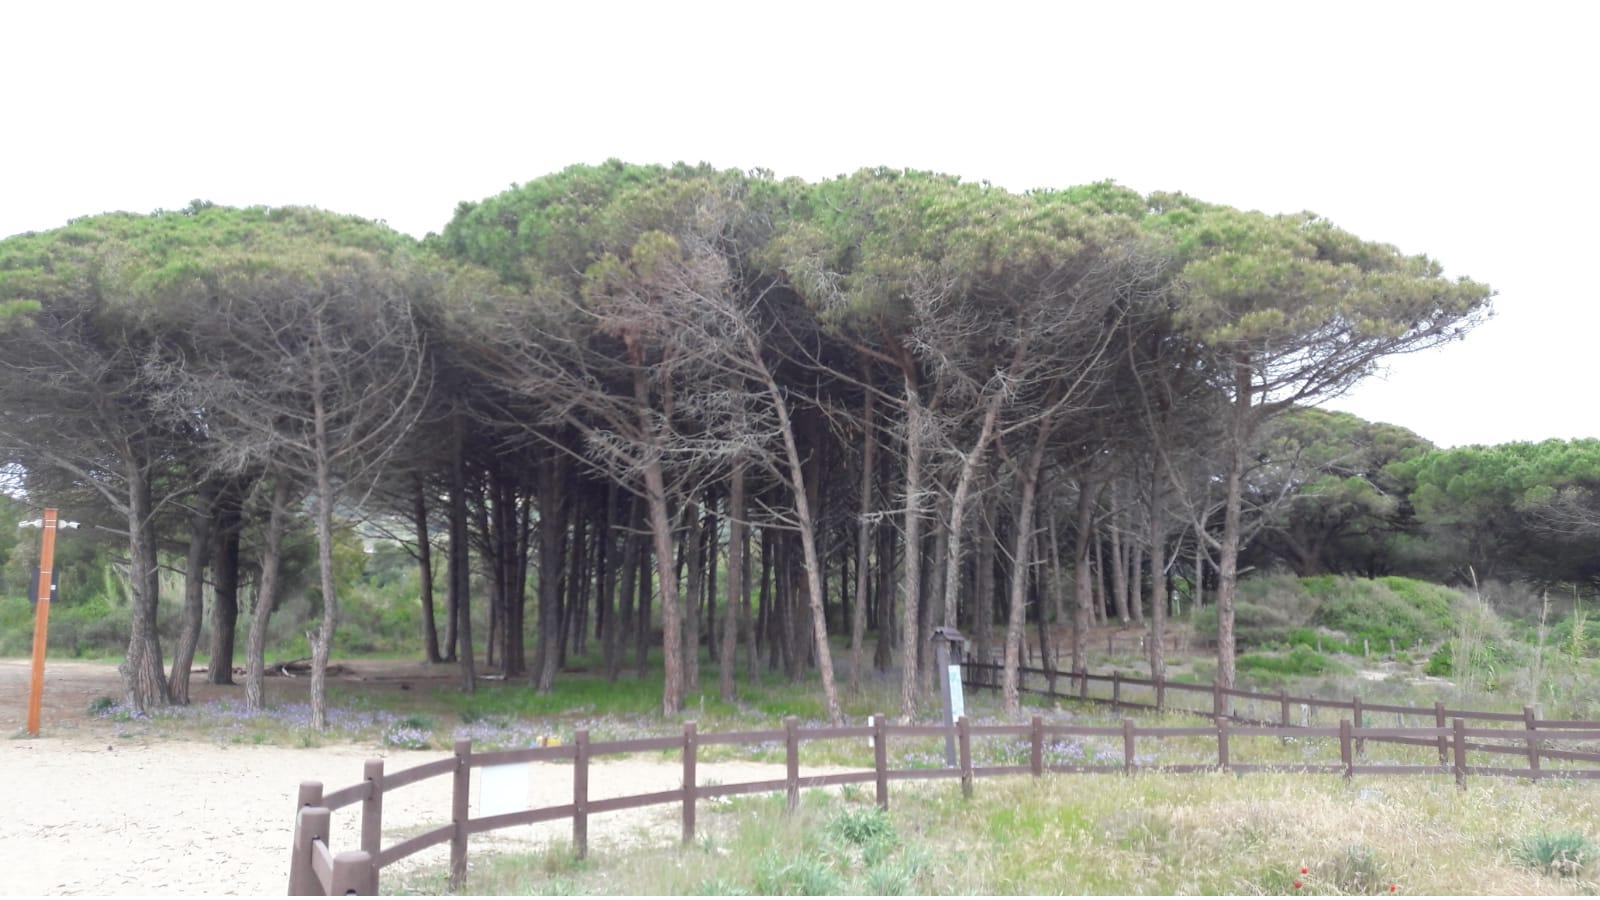 La pineta dietro la duna